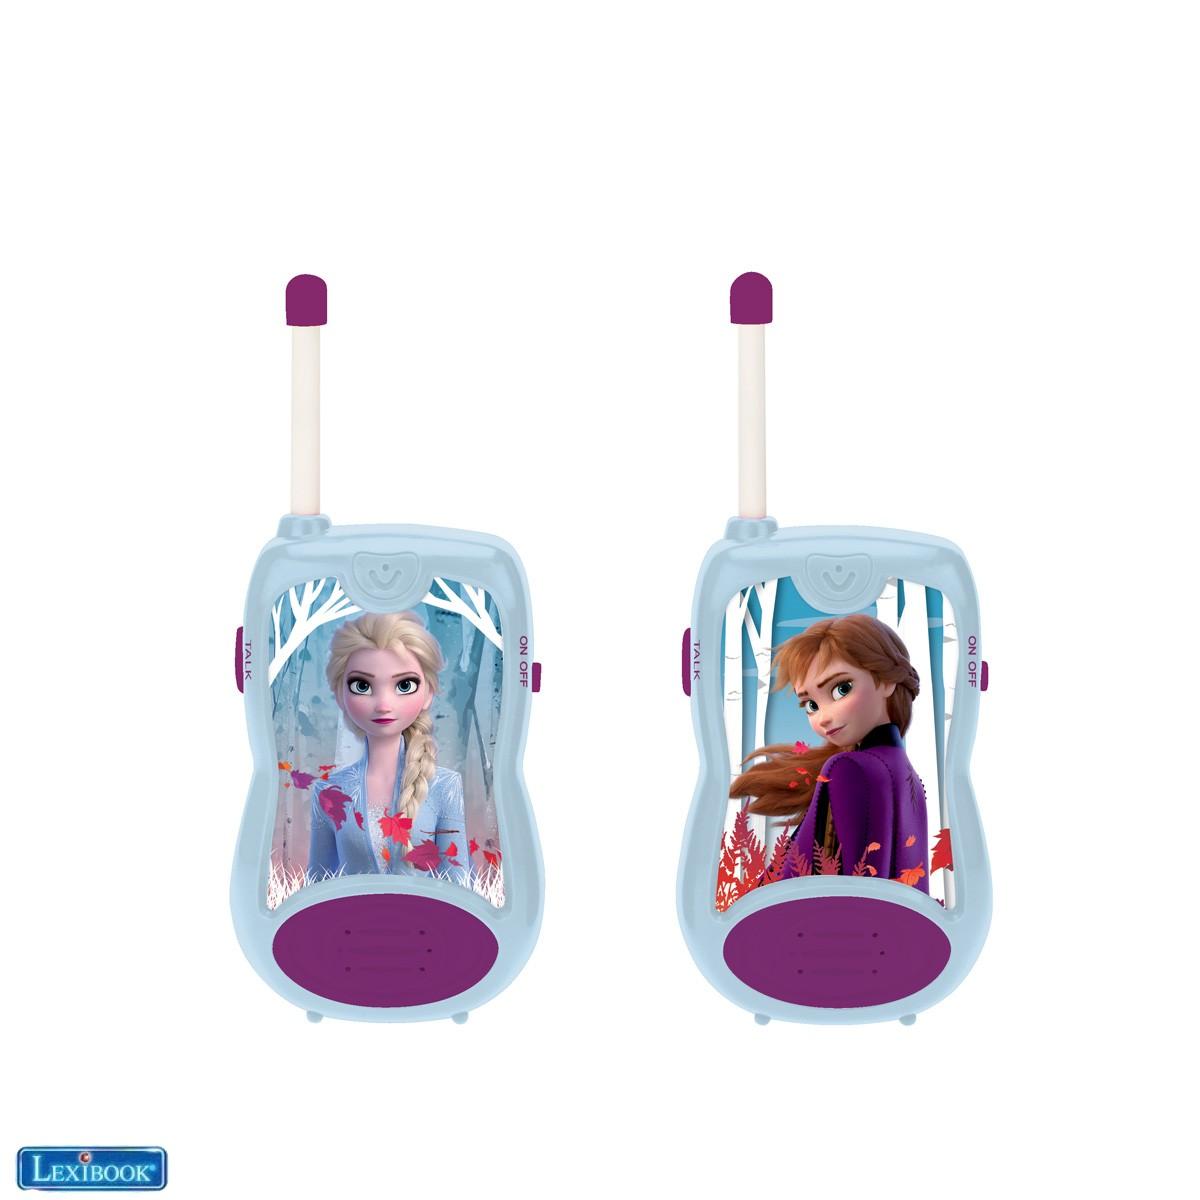 Frozen 2 walkie-talkies